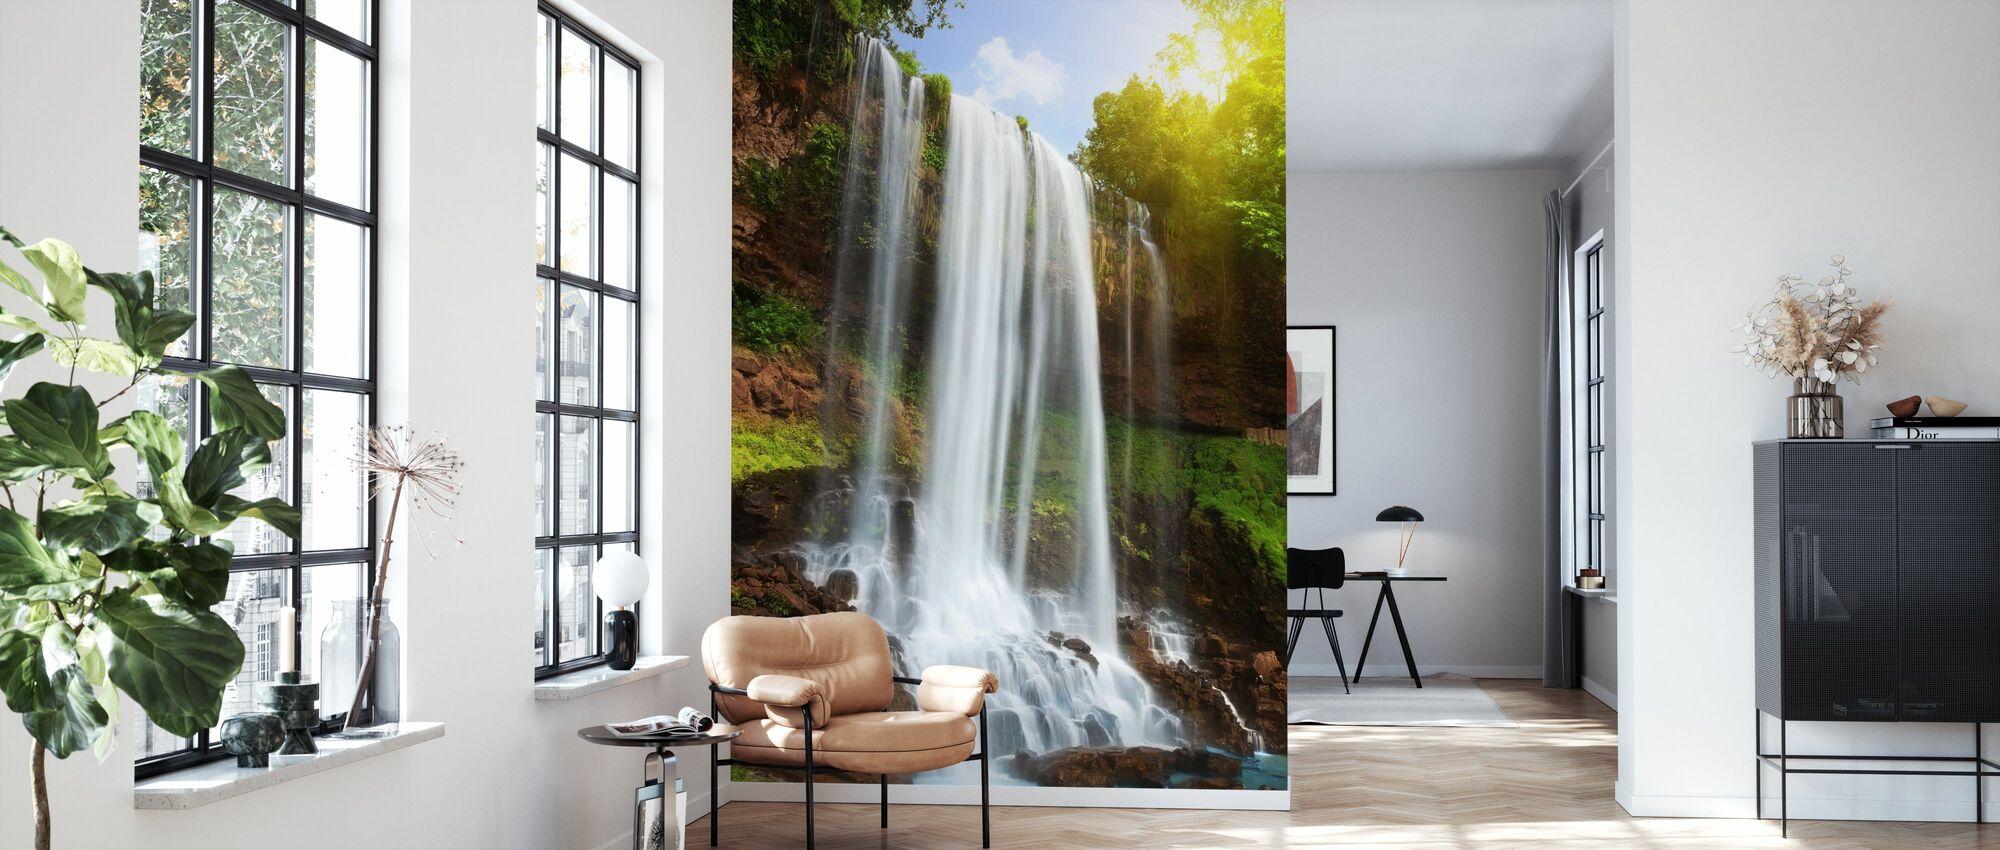 Vesiputous sademetsässä - Tapetti - Olohuone